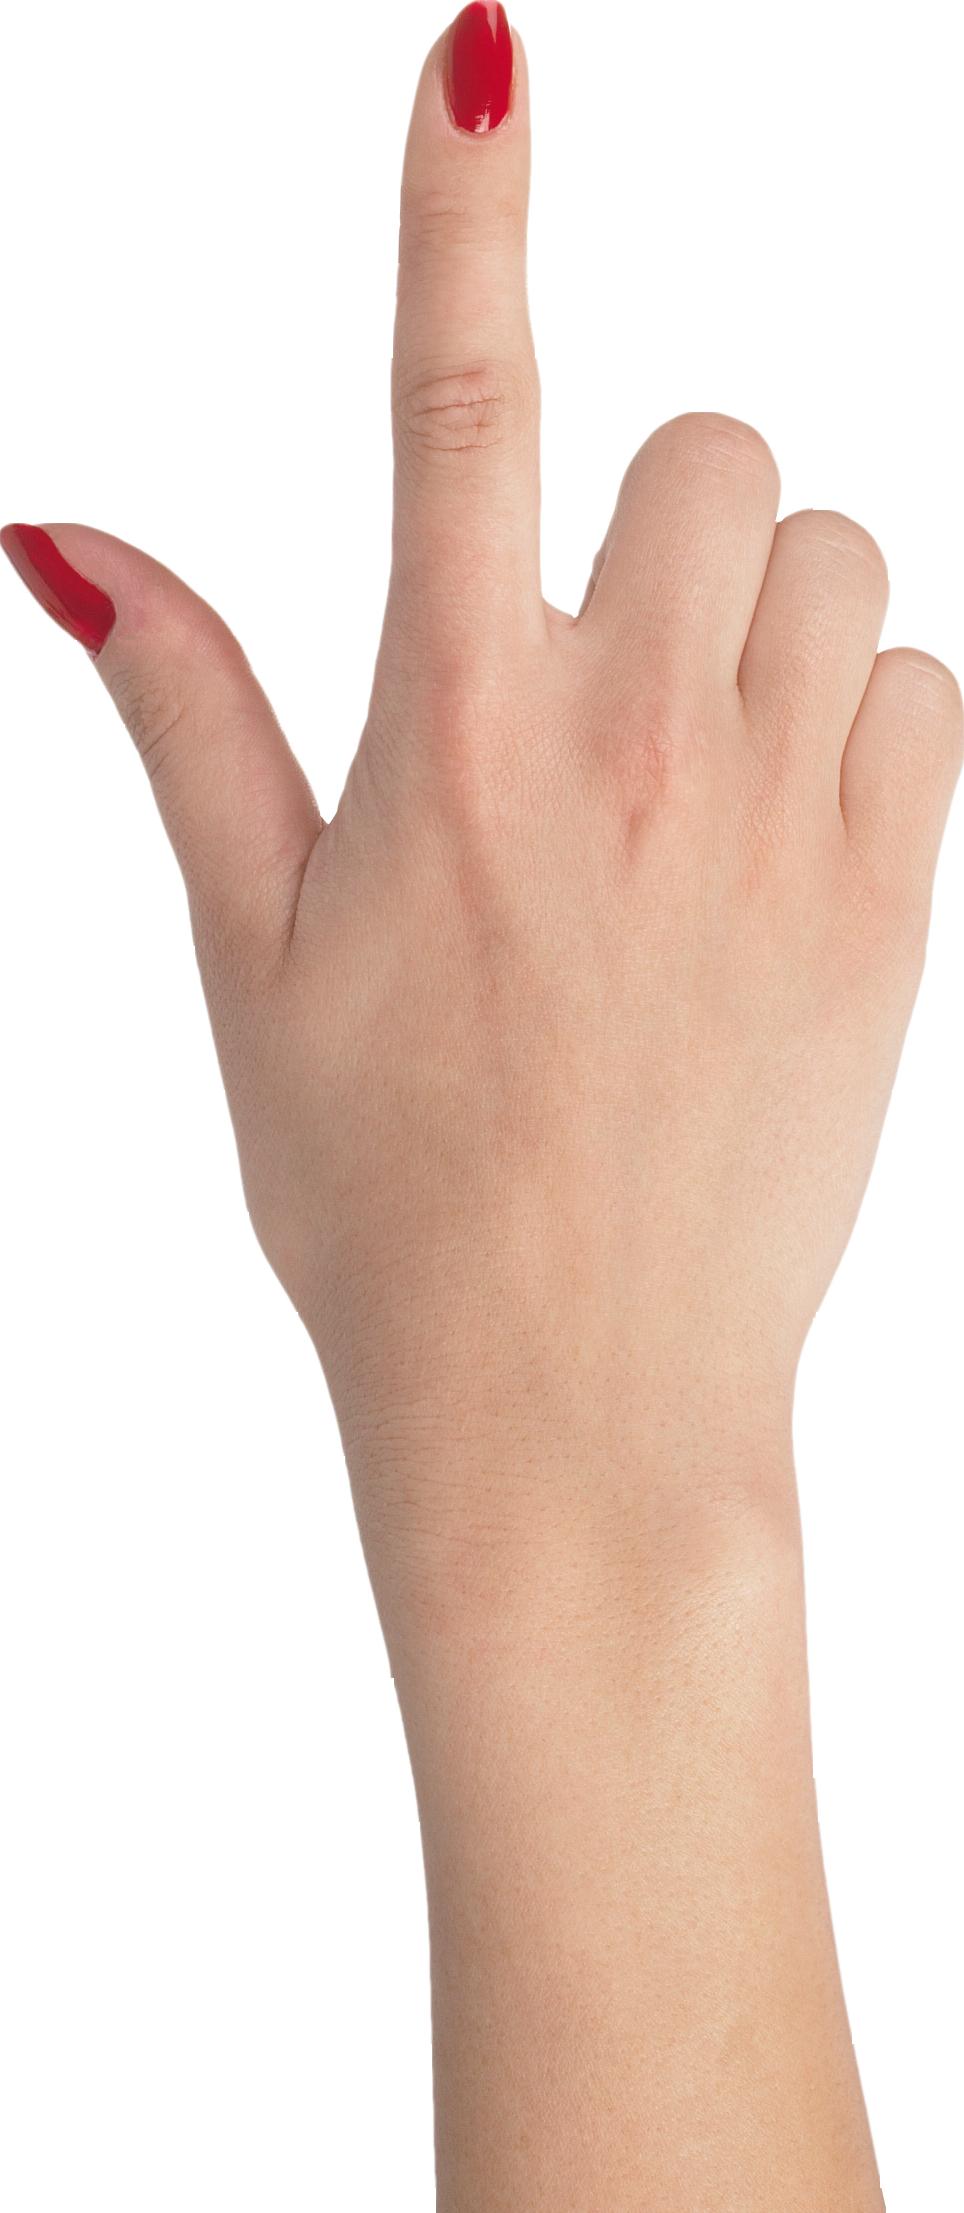 Hands PNG - 9957